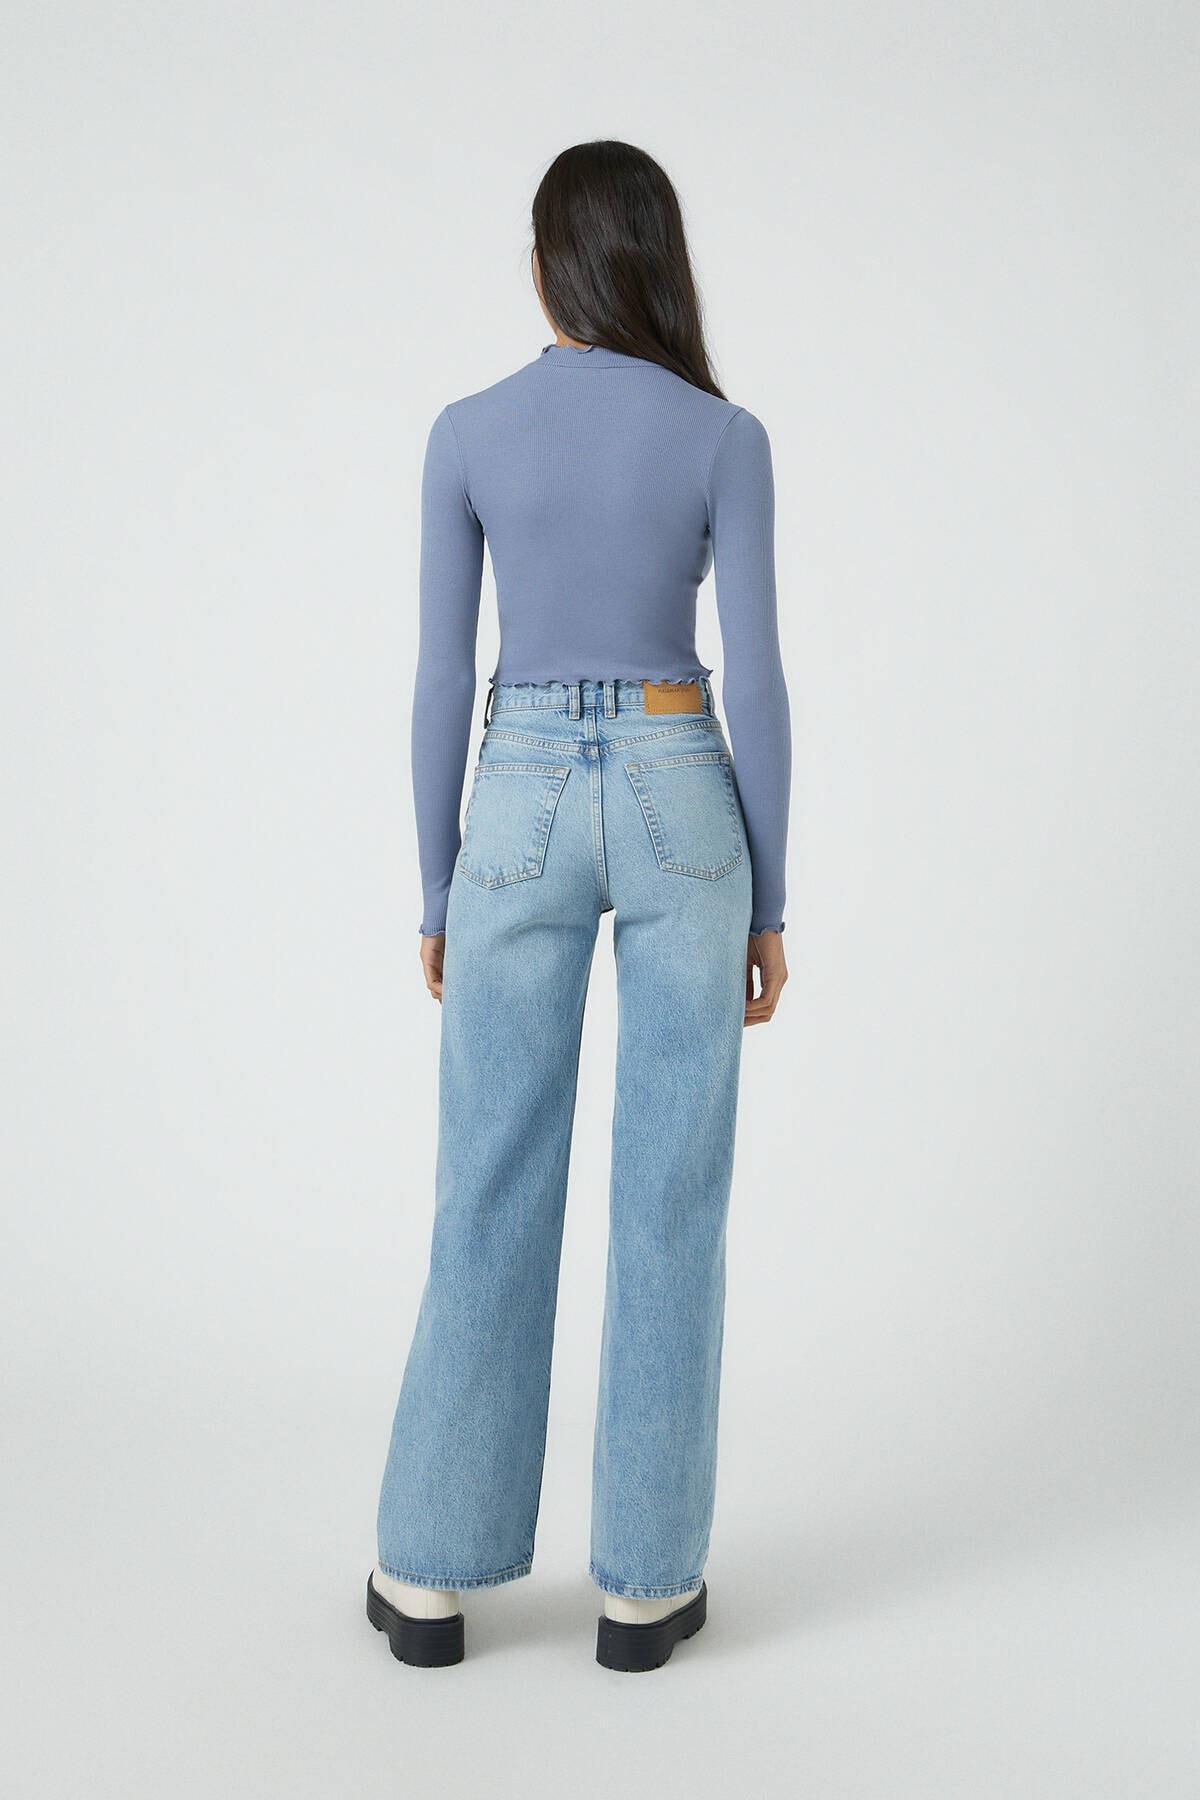 Pull & Bear Kadın Koyu Lacivert Kıvrımlı Kenarlı Uzun Kollu T-Shirt 09249310 2